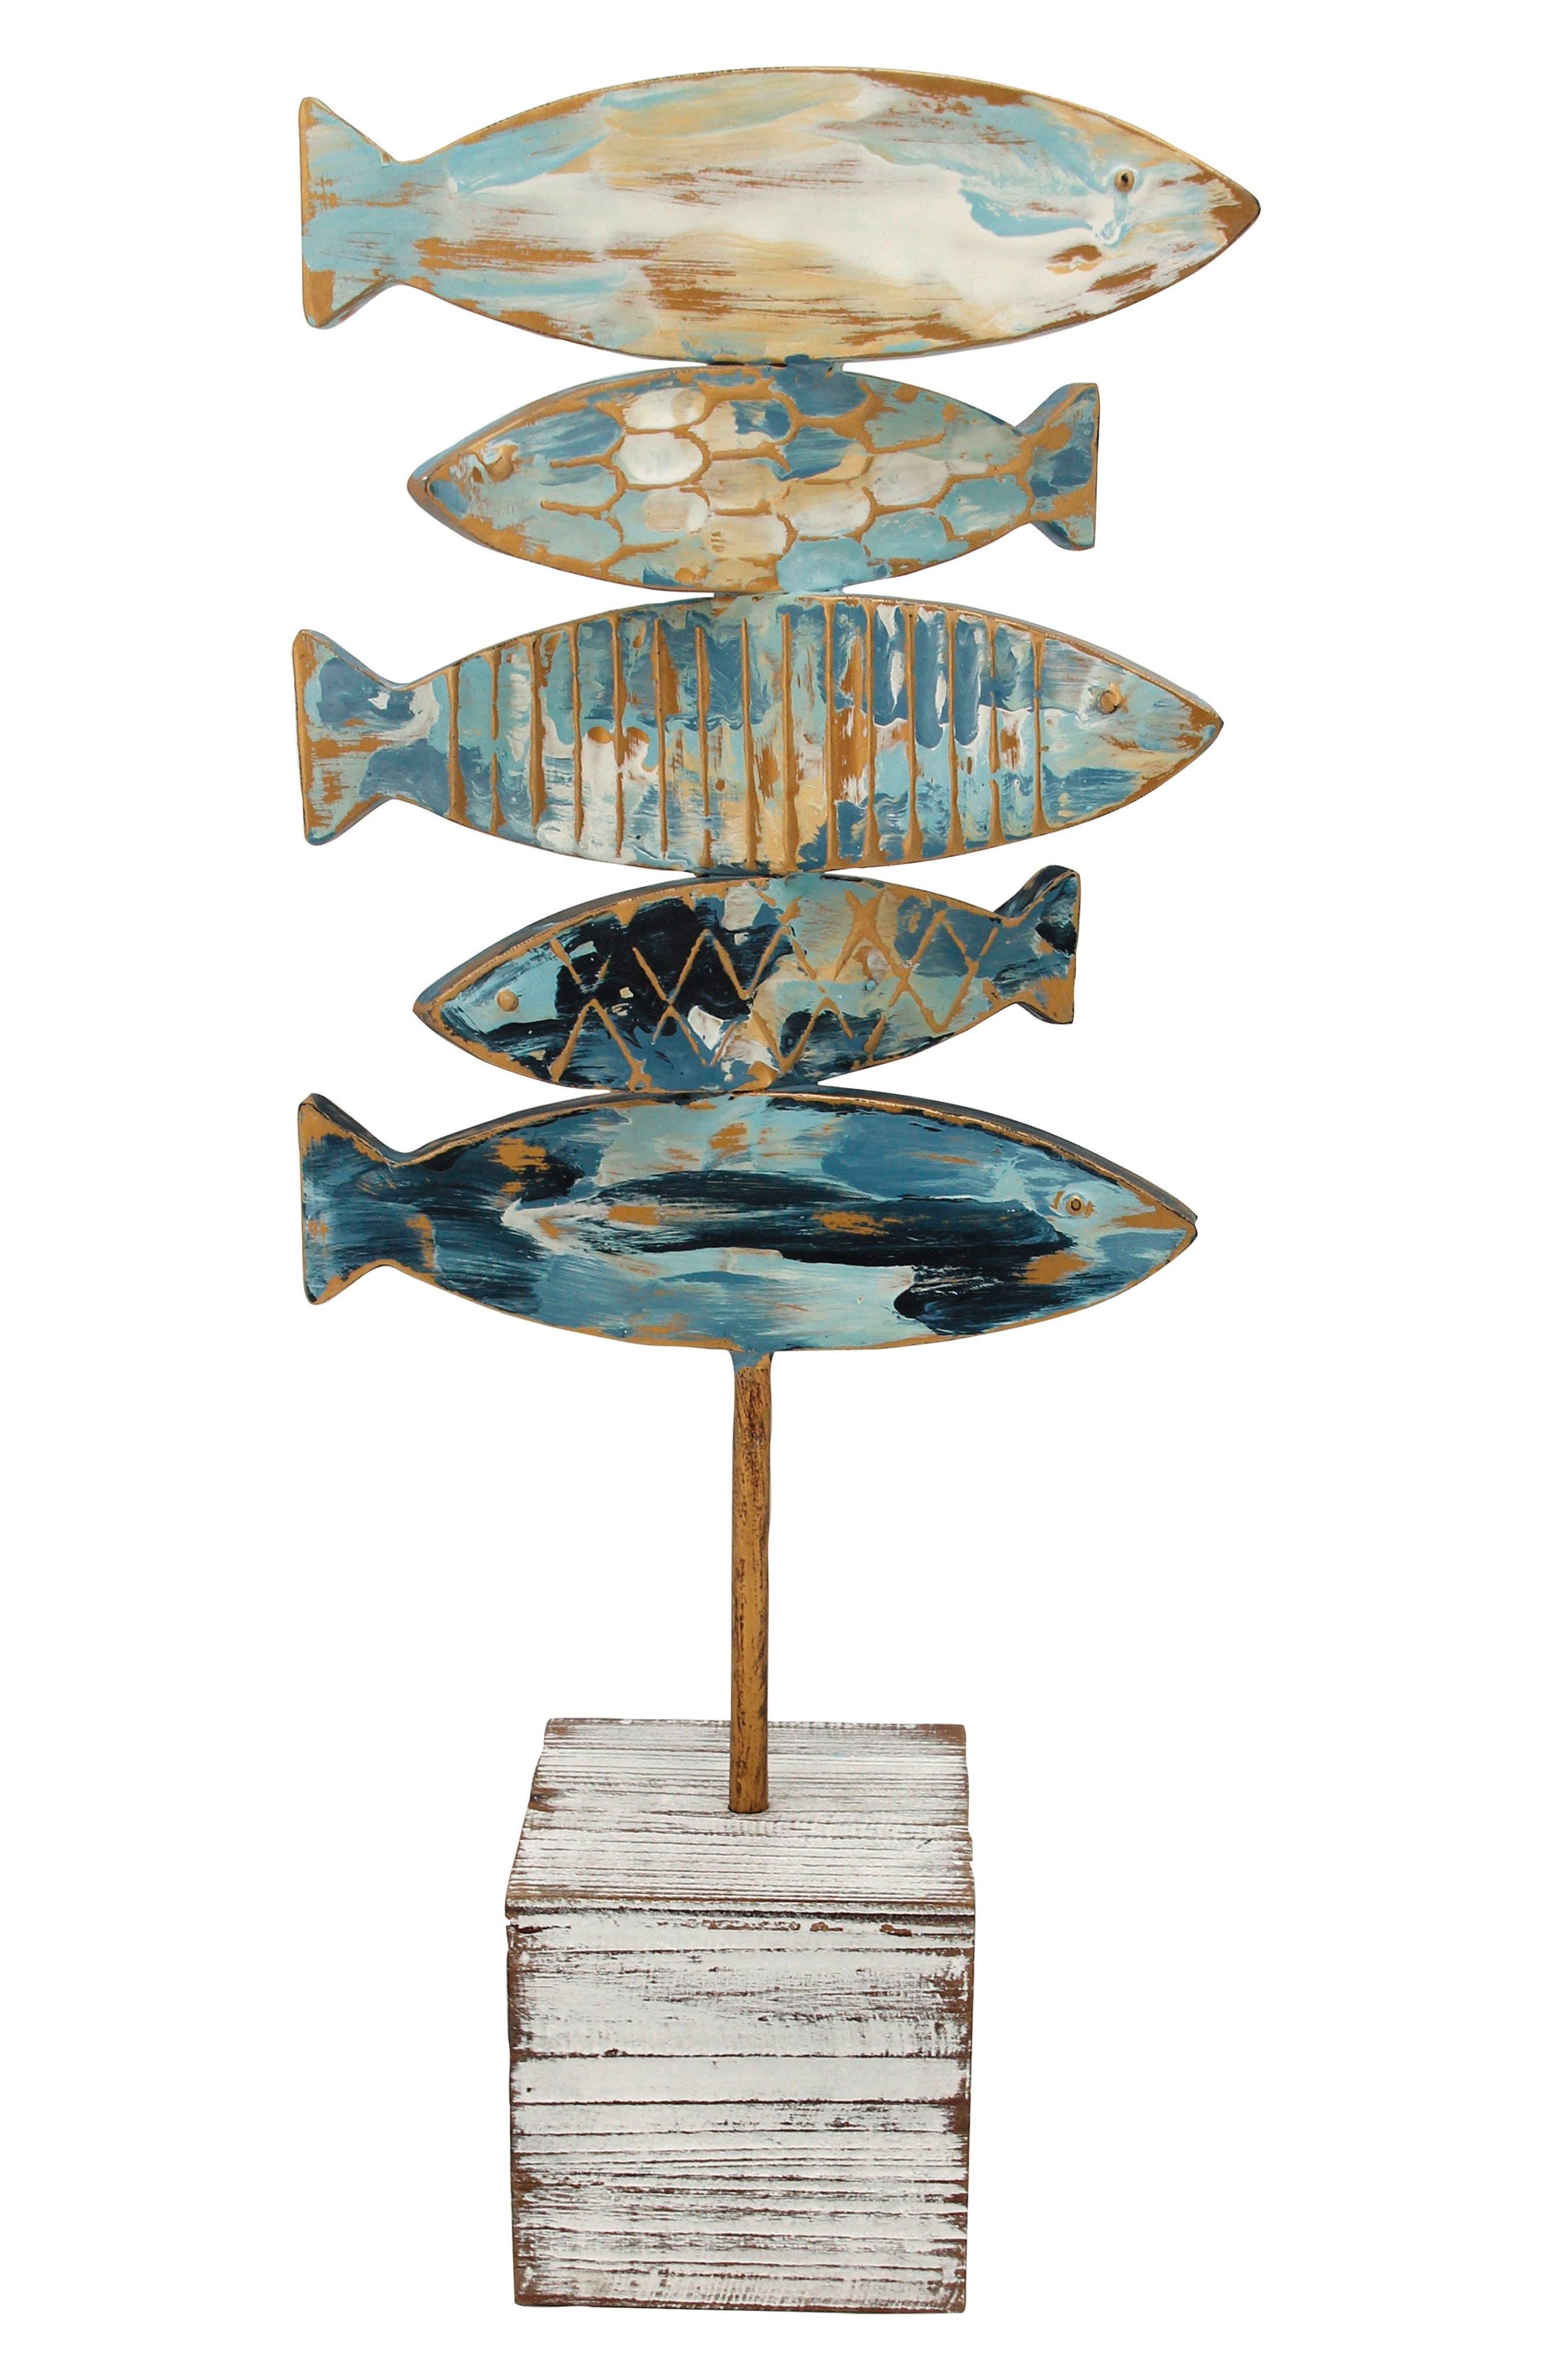 Fish Table Art,                         Main,                         color, Wood/ Metal